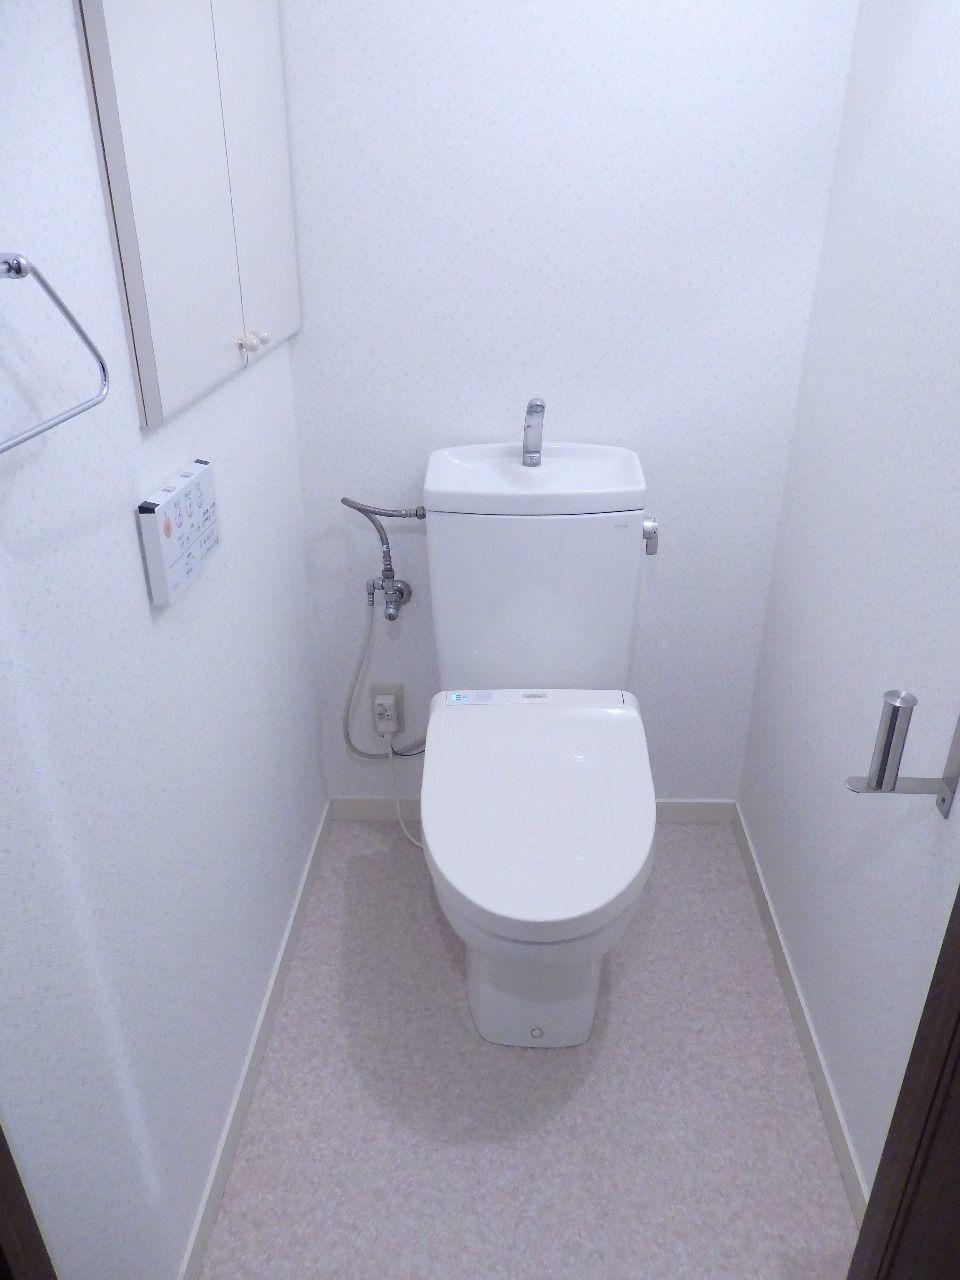 トイレのドアを開ければ自動で上蓋が開きます。